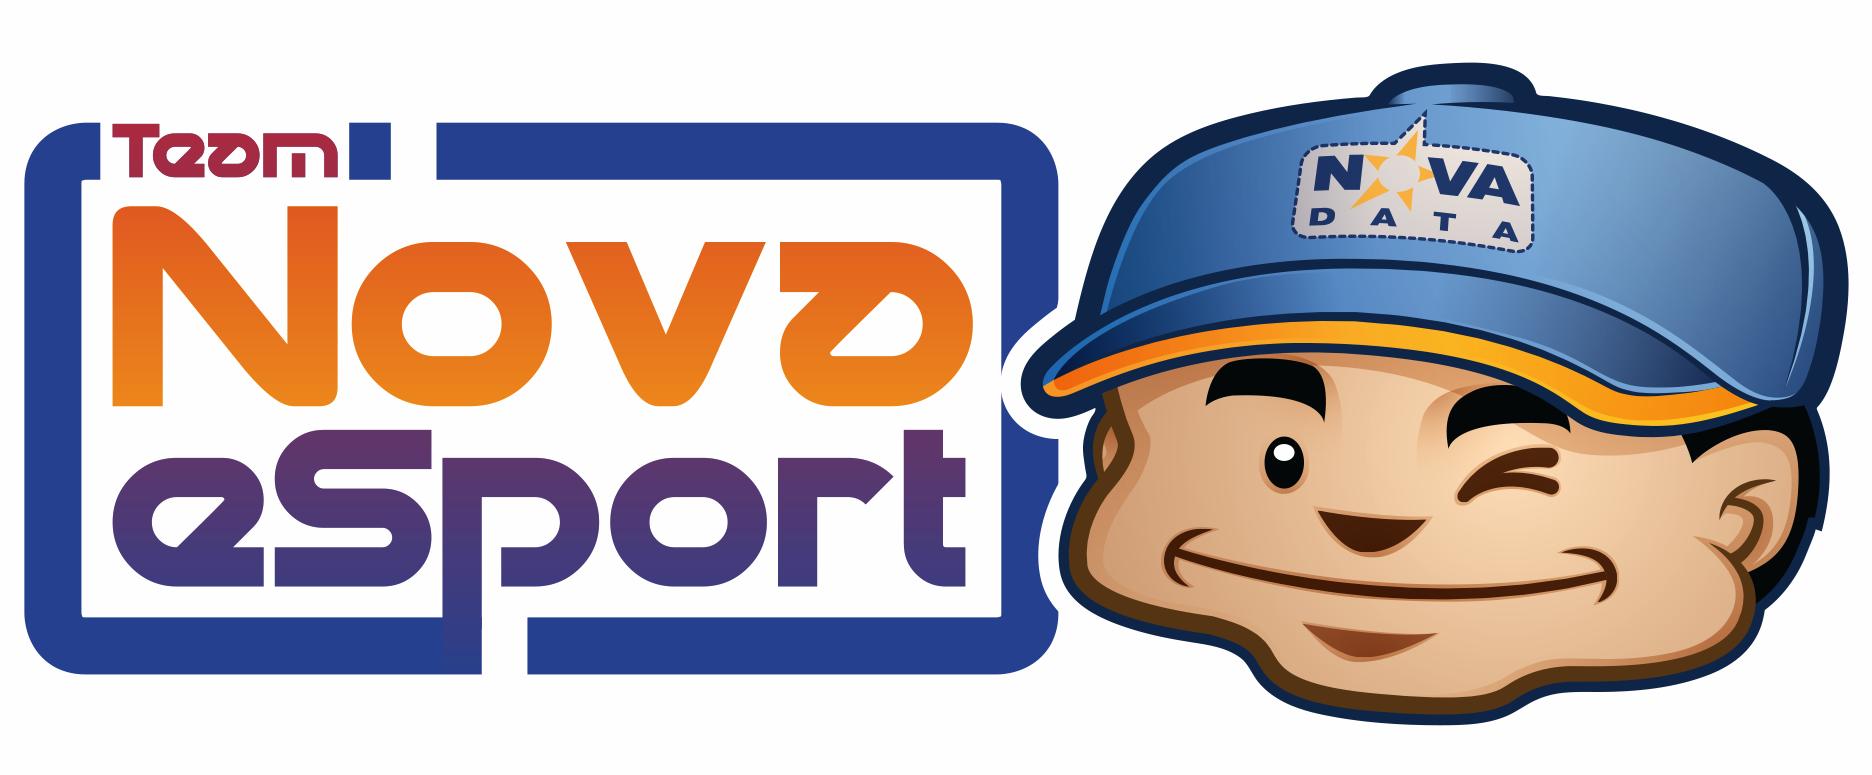 Team Nova esport